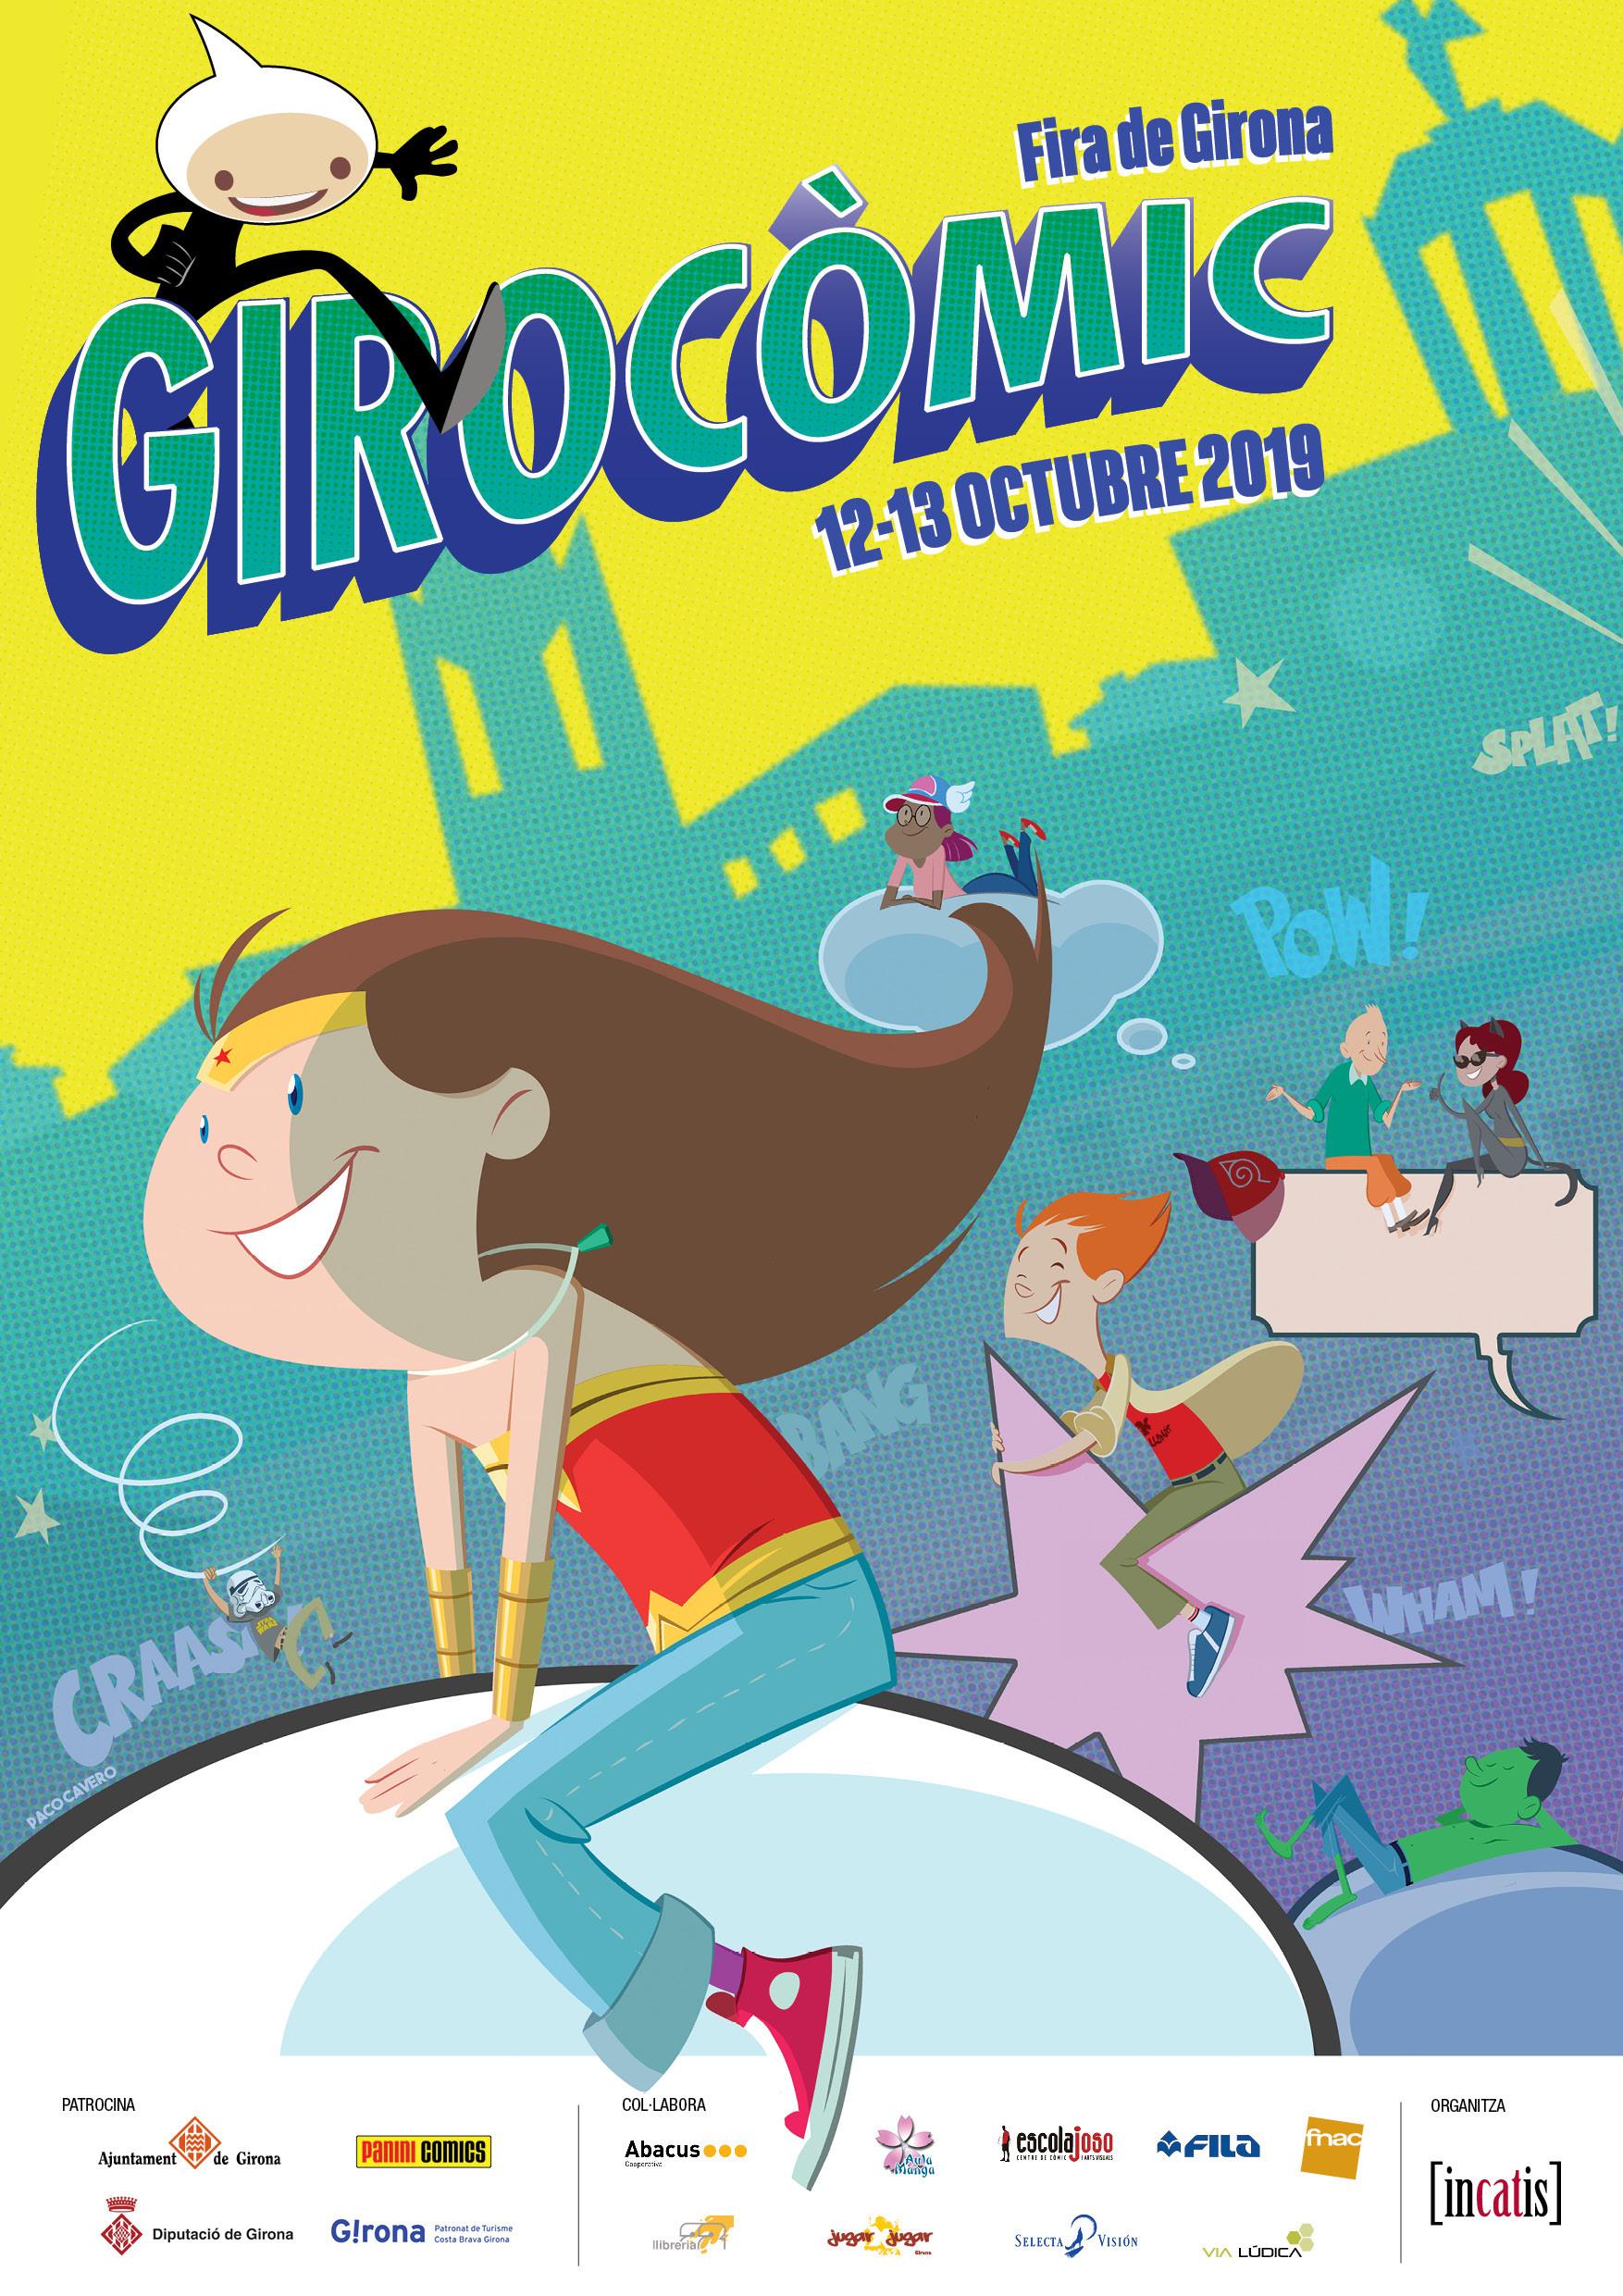 Girocomic 2019